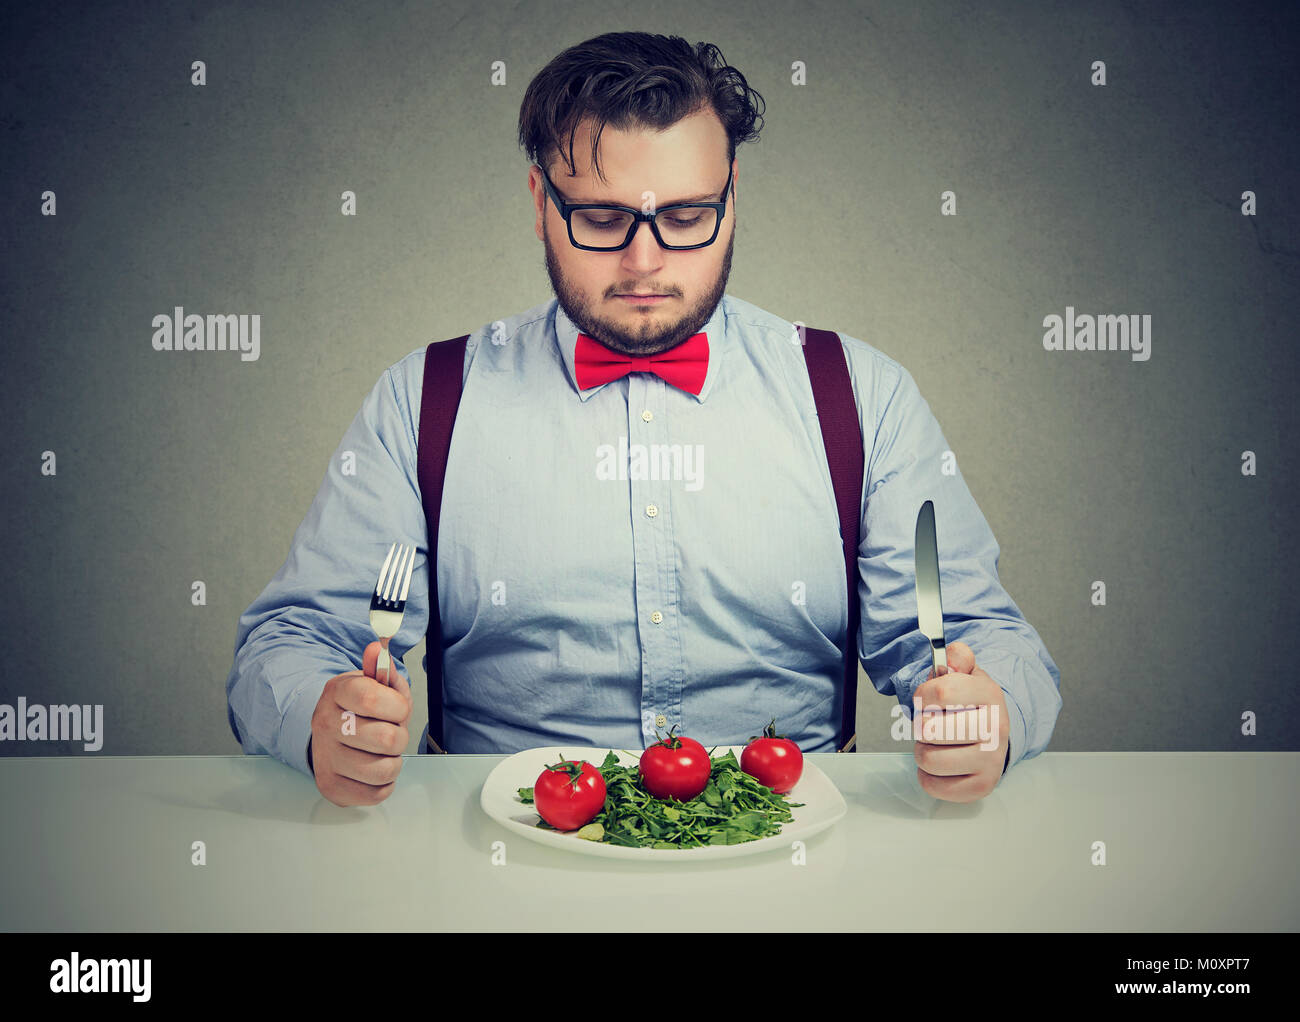 Jeune homme surpoids concentrées sur salade saine en essayant de perdre du poids. Photo Stock